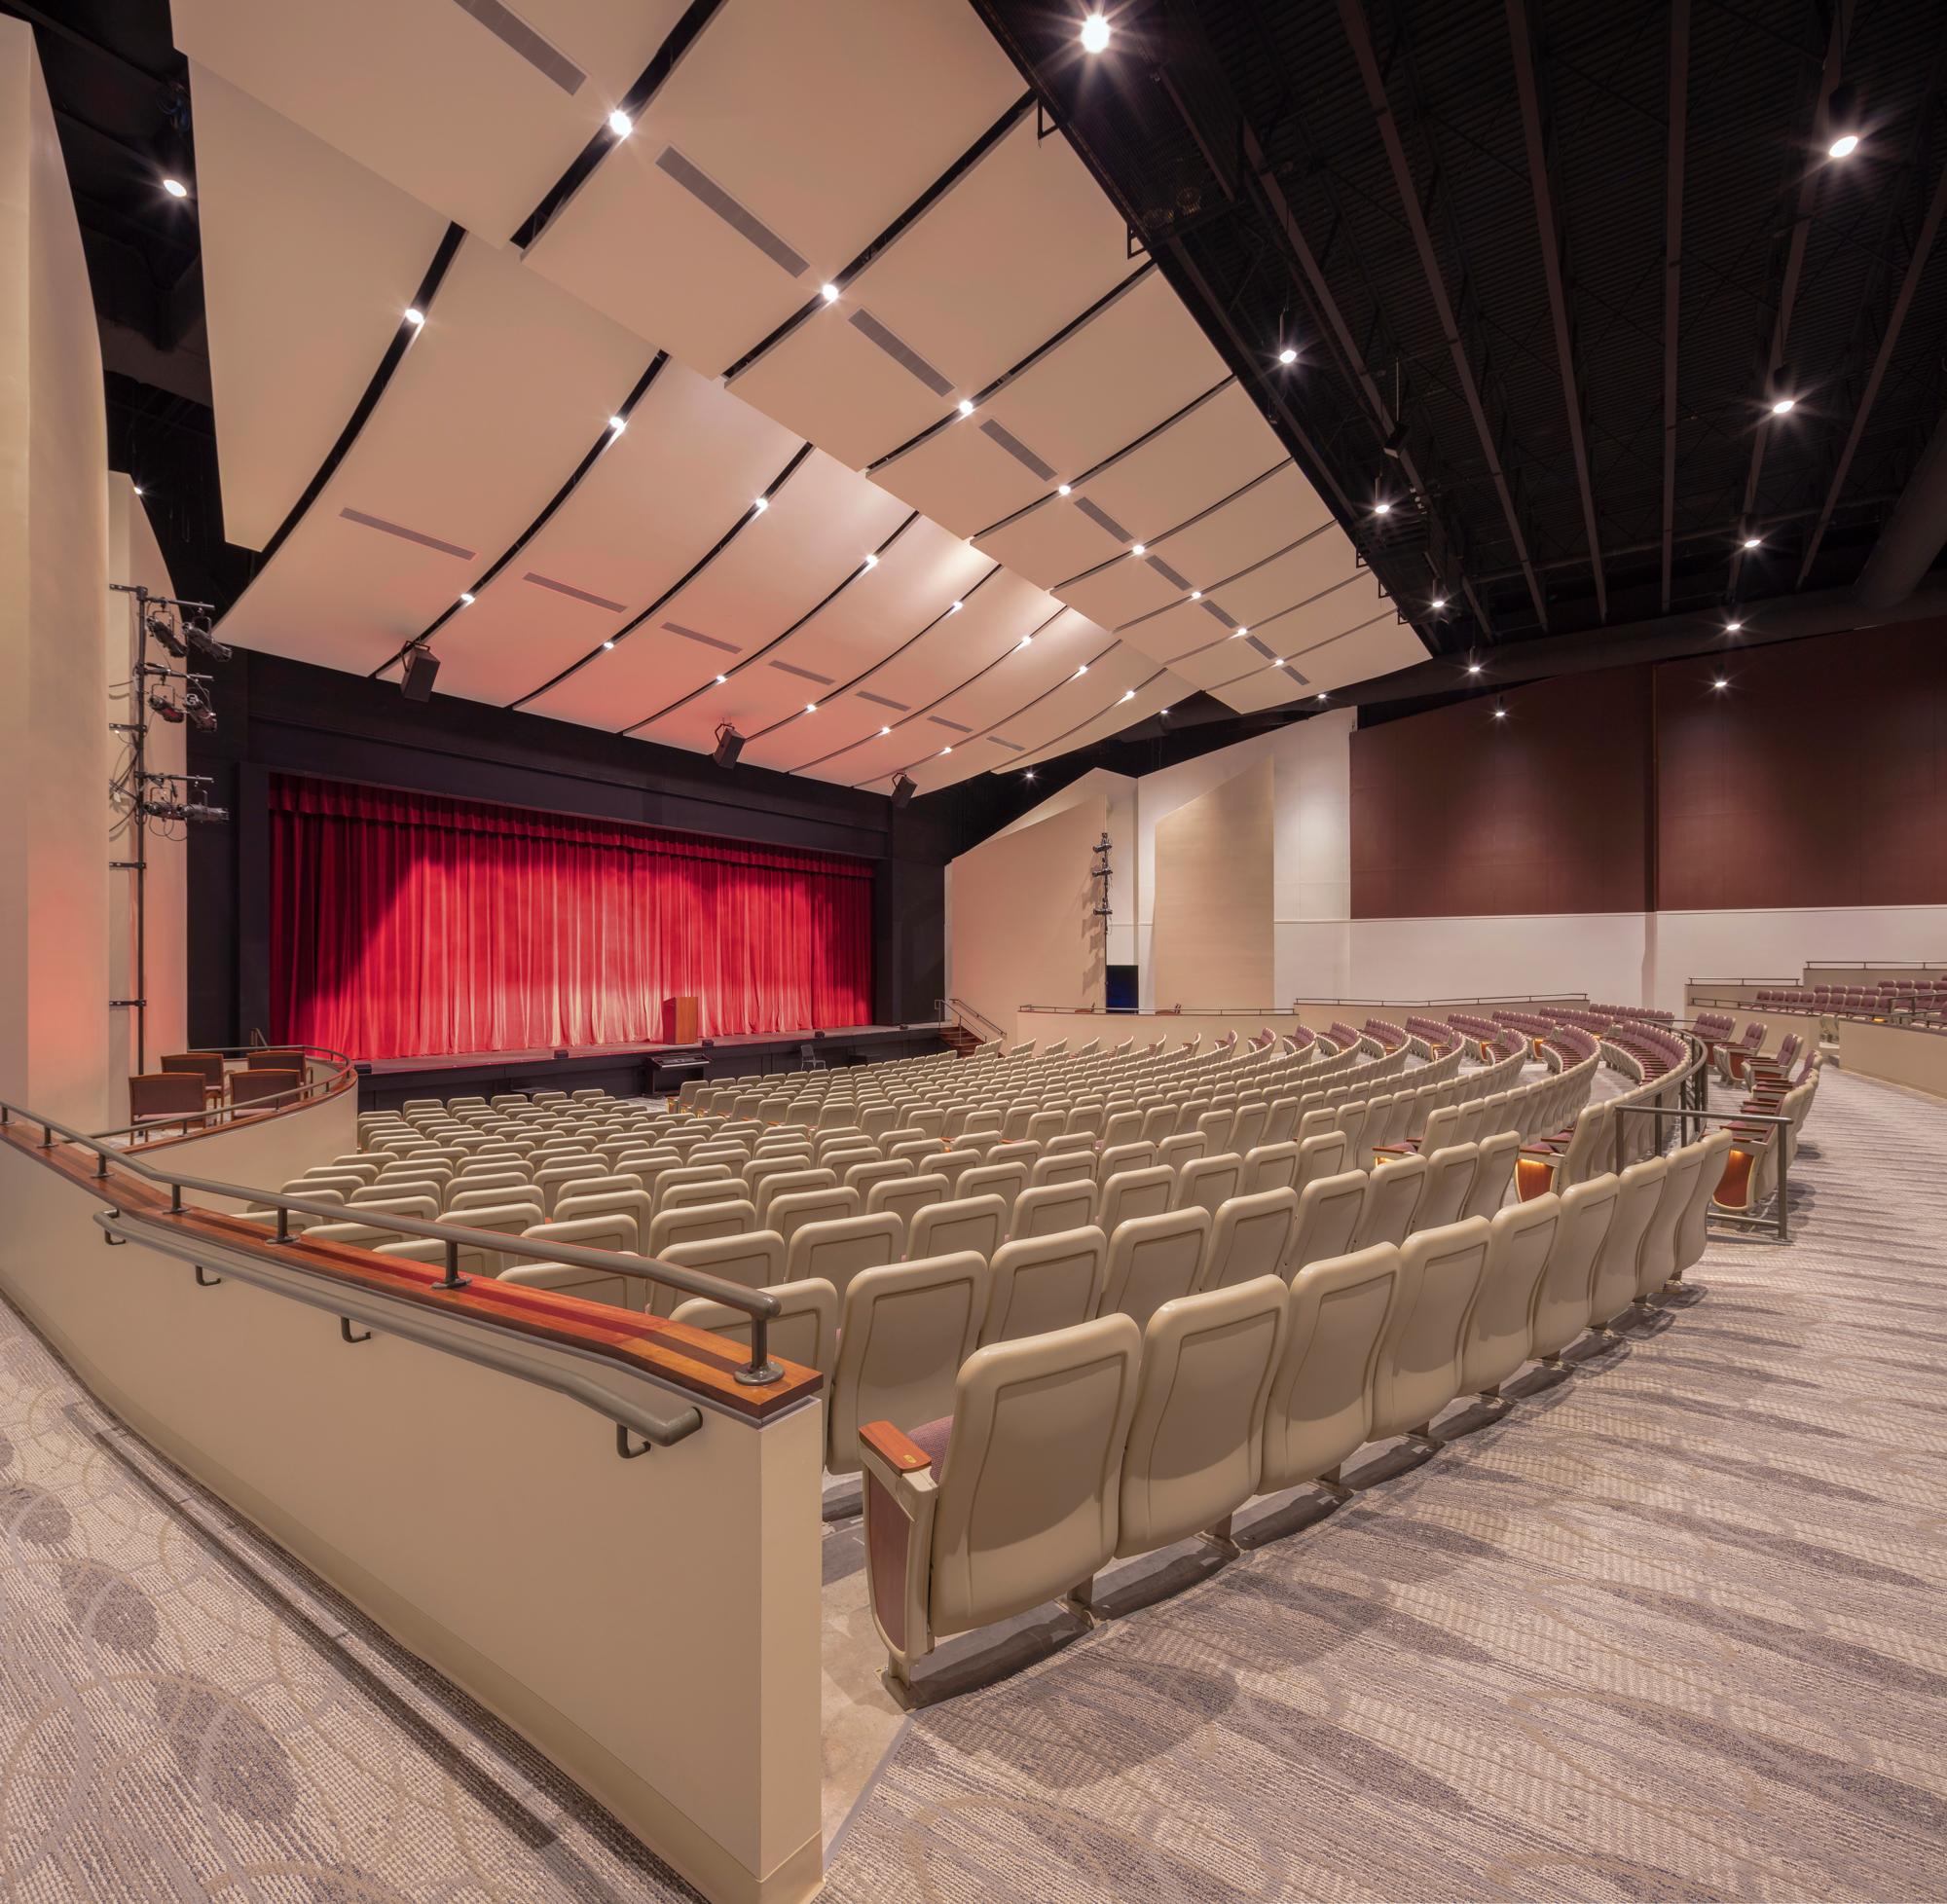 Newtown High School Auditorium stage